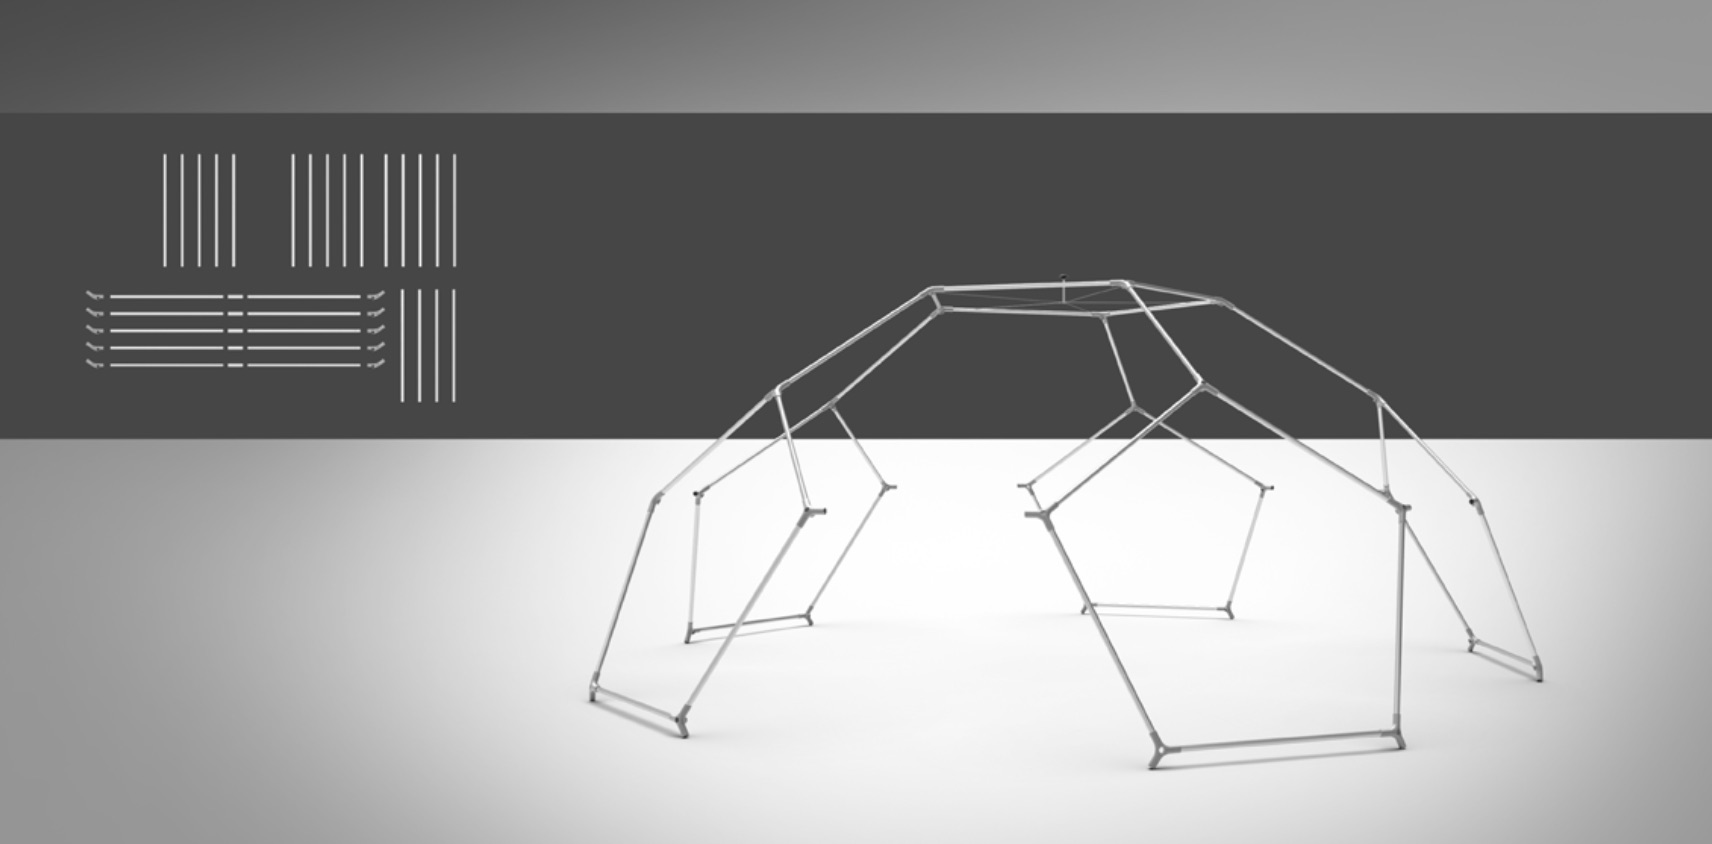 event dome setup - step 3